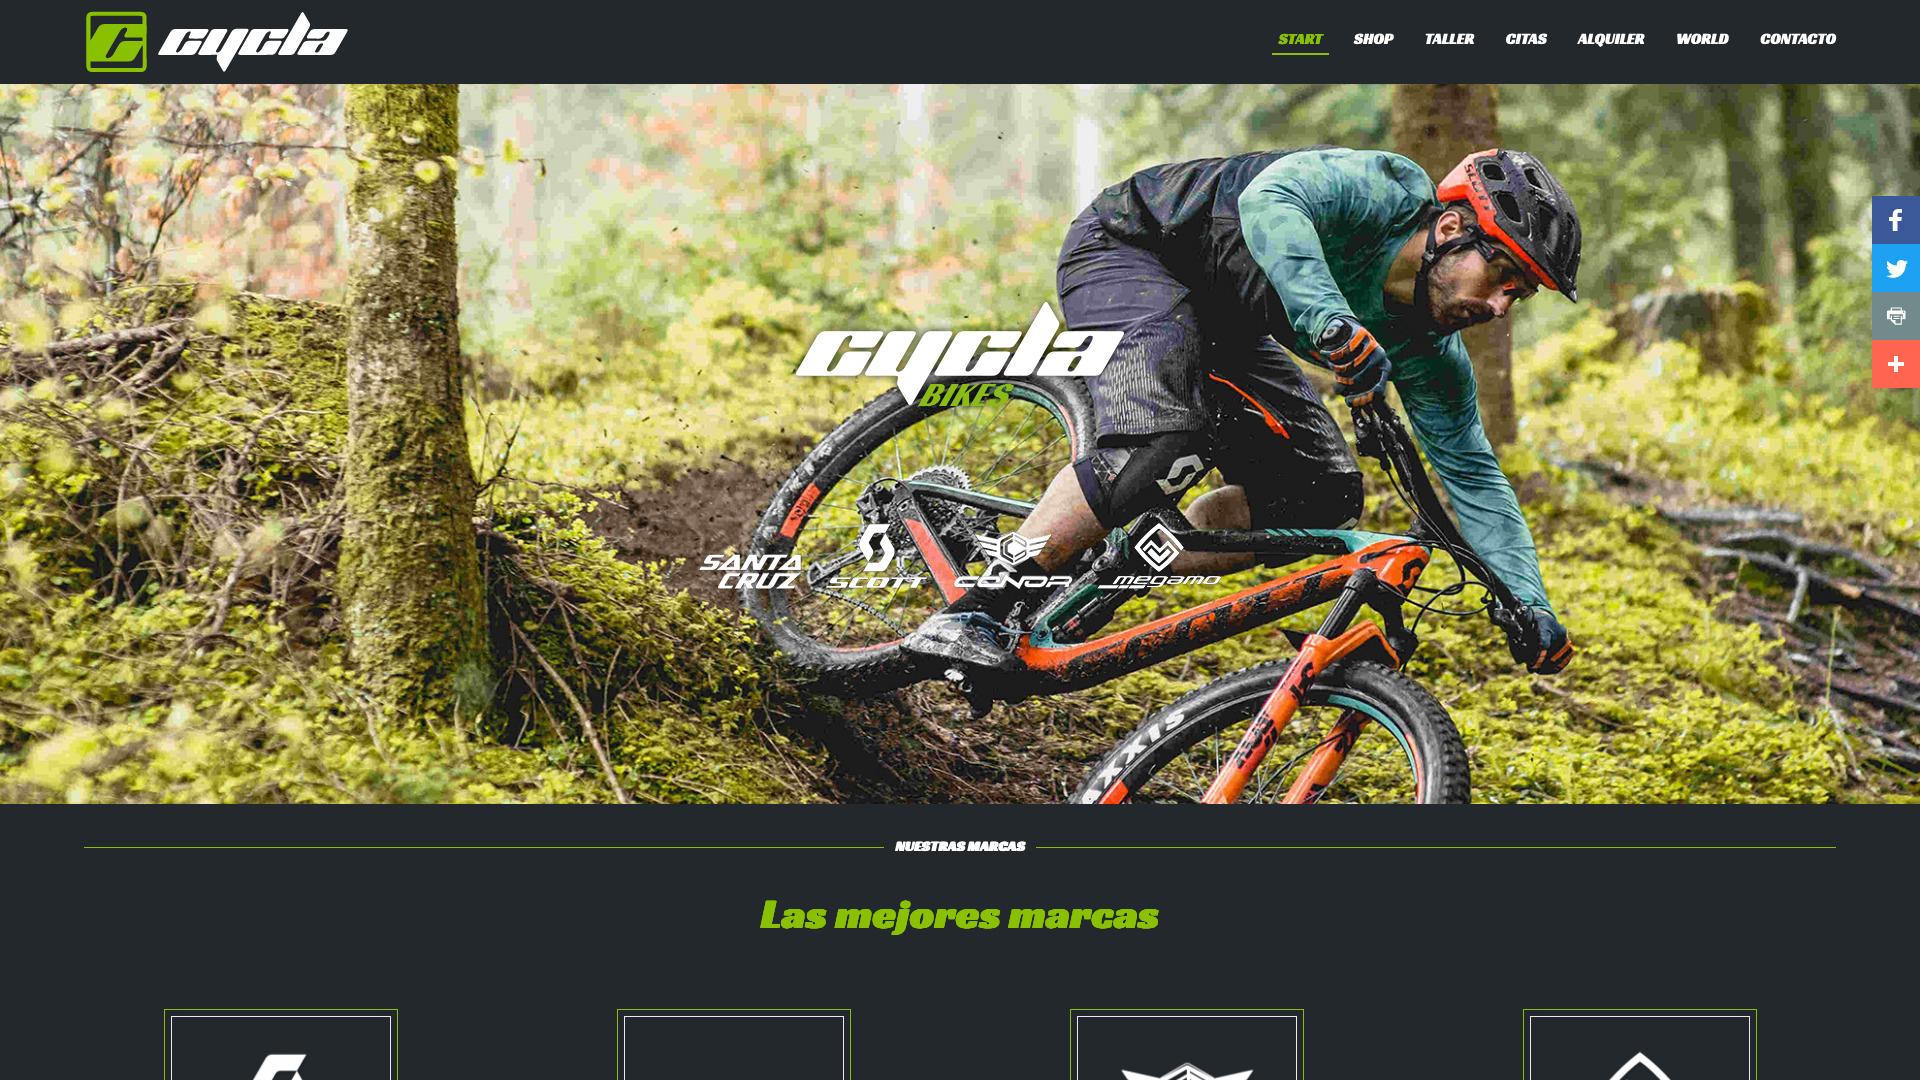 Diseño y desarrollo de sitio web para Cycla Bikes